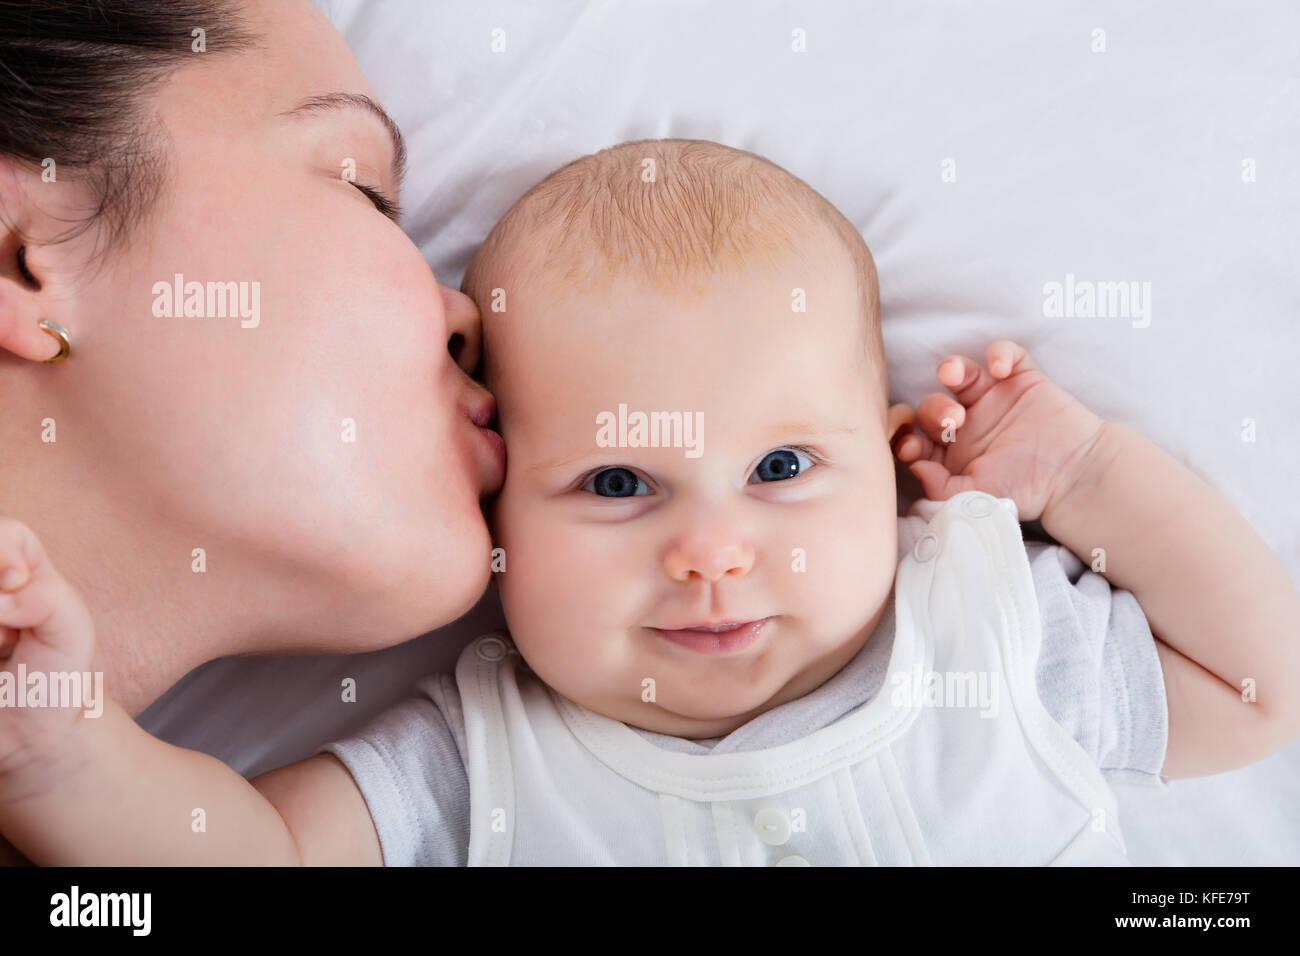 Nahaufnahme einer Mutter küssen ihr Baby auf der Stirn Stockbild